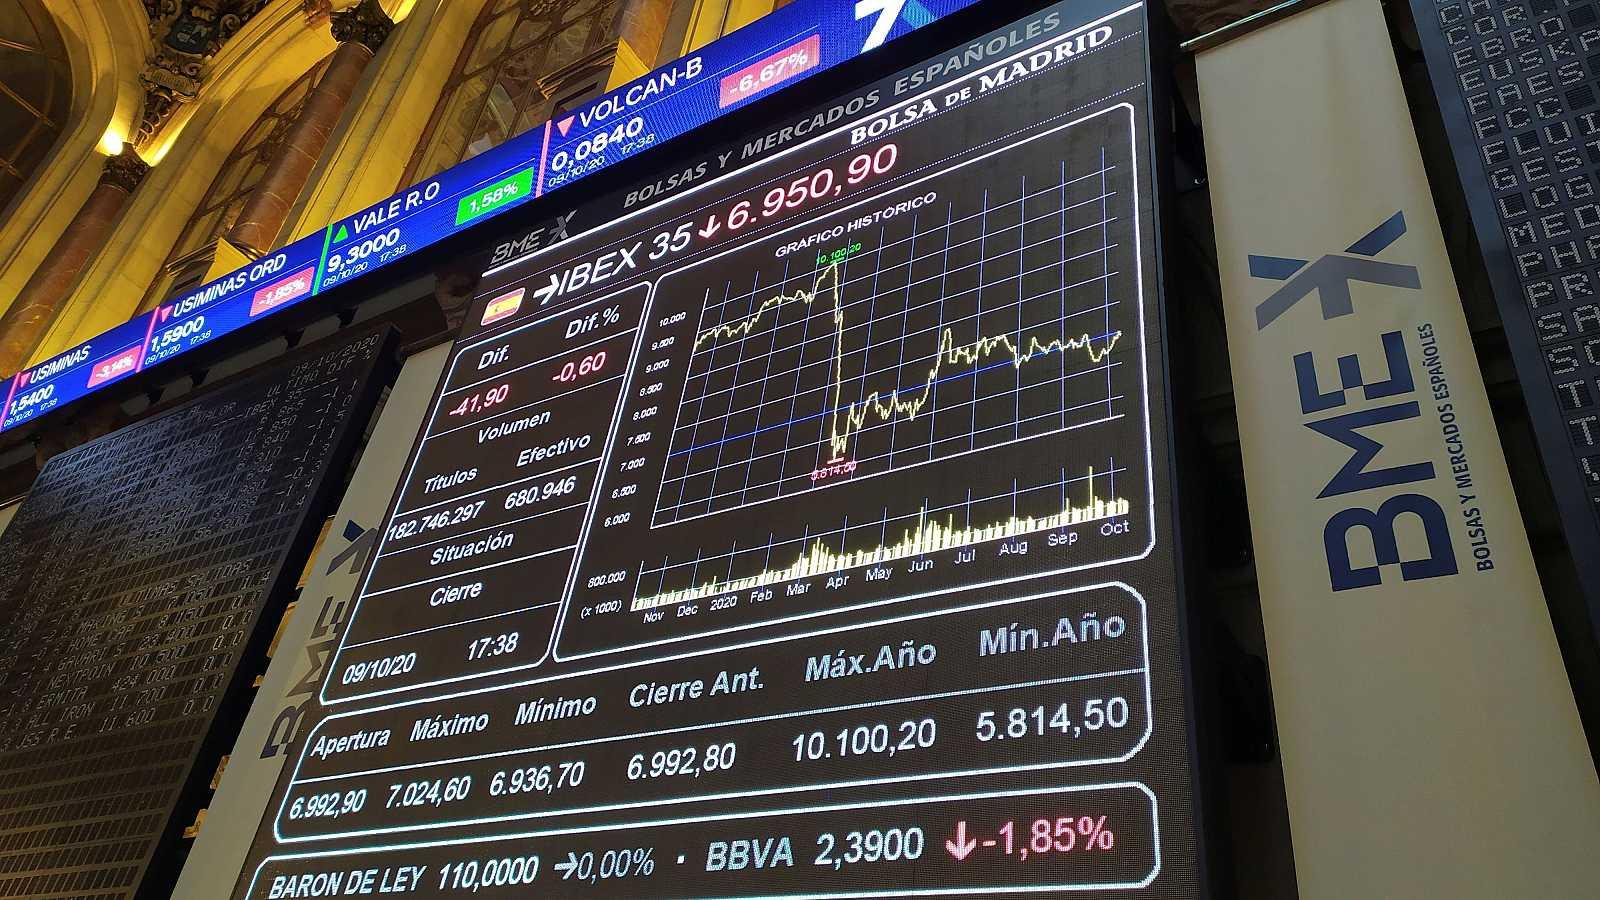 Pantalla electrónica de la Bolsa de Madrid con los resultados de la semana.